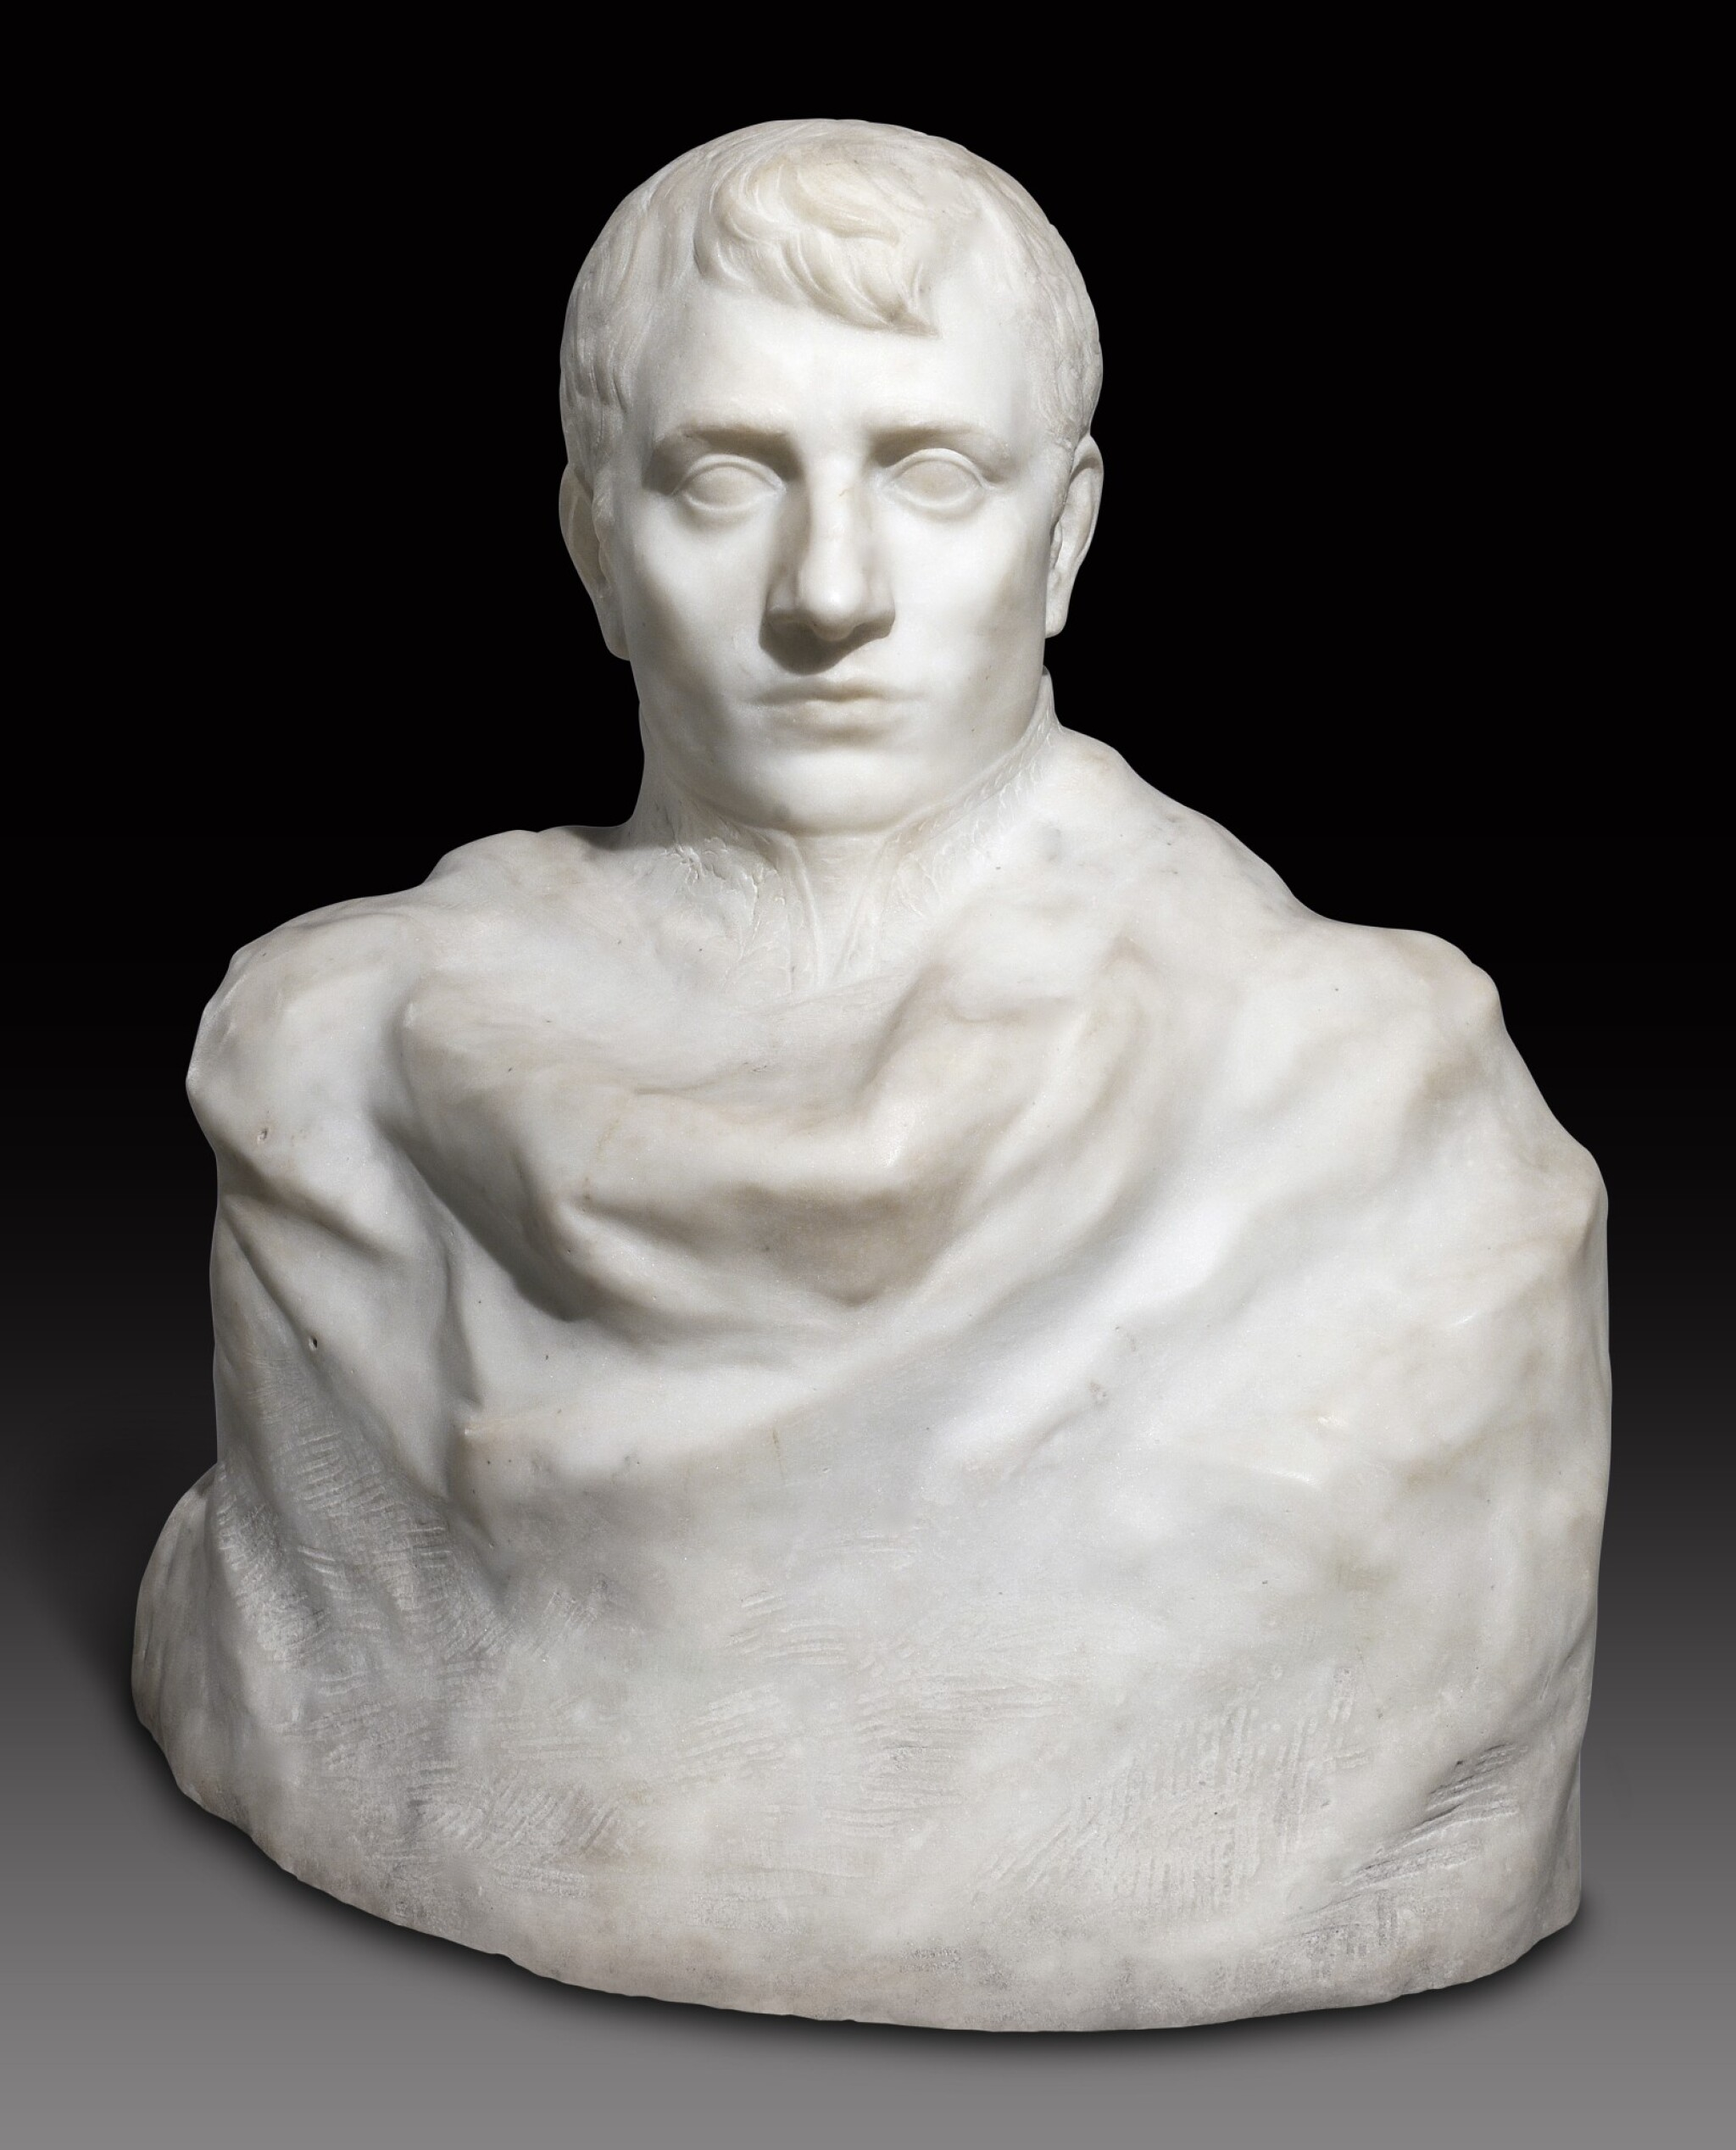 View full screen - View 1 of Lot 1016. Auguste Rodin 奧古斯特・羅丹 | Napoléon Enveloppé dans Son Réve 逐夢的拿破崙.